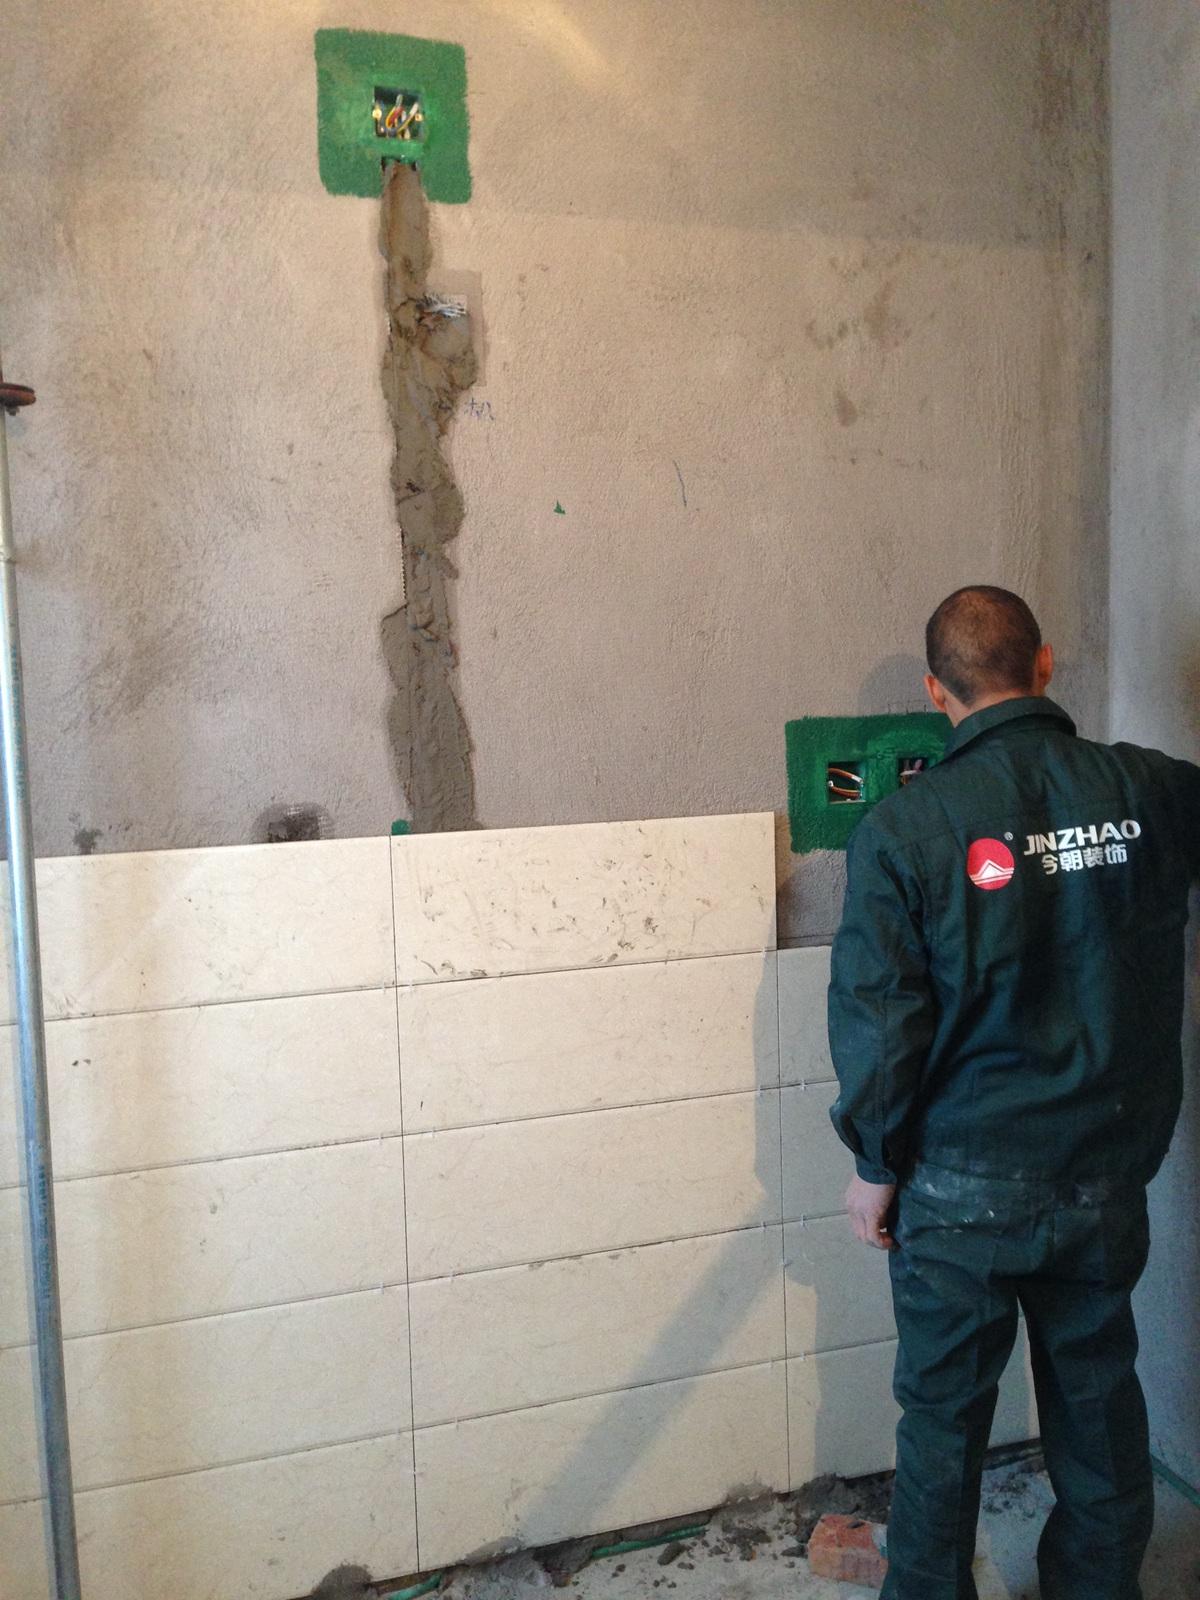 铺贴的墙砖和地砖都非常平整,而且缝隙处理都均匀,阴角平直。